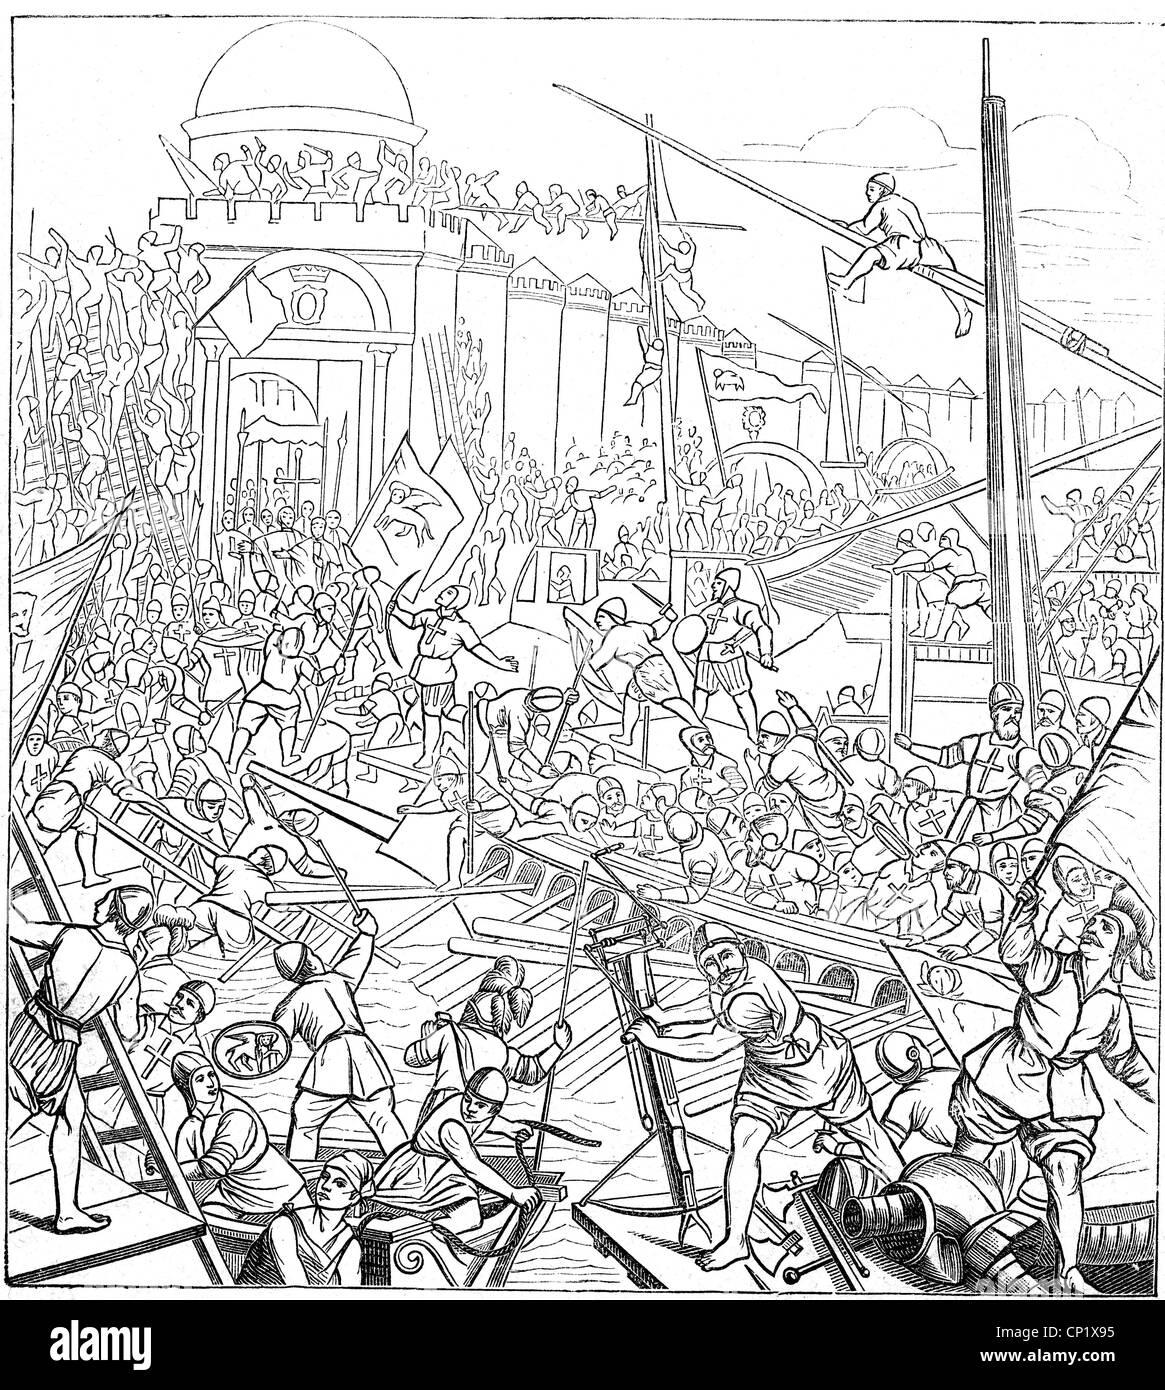 Moyen-Âge, les croisades, 4ème croisade 1202 - 1204, les croisés storm Constantinople, 12.4.1204, Photo Stock